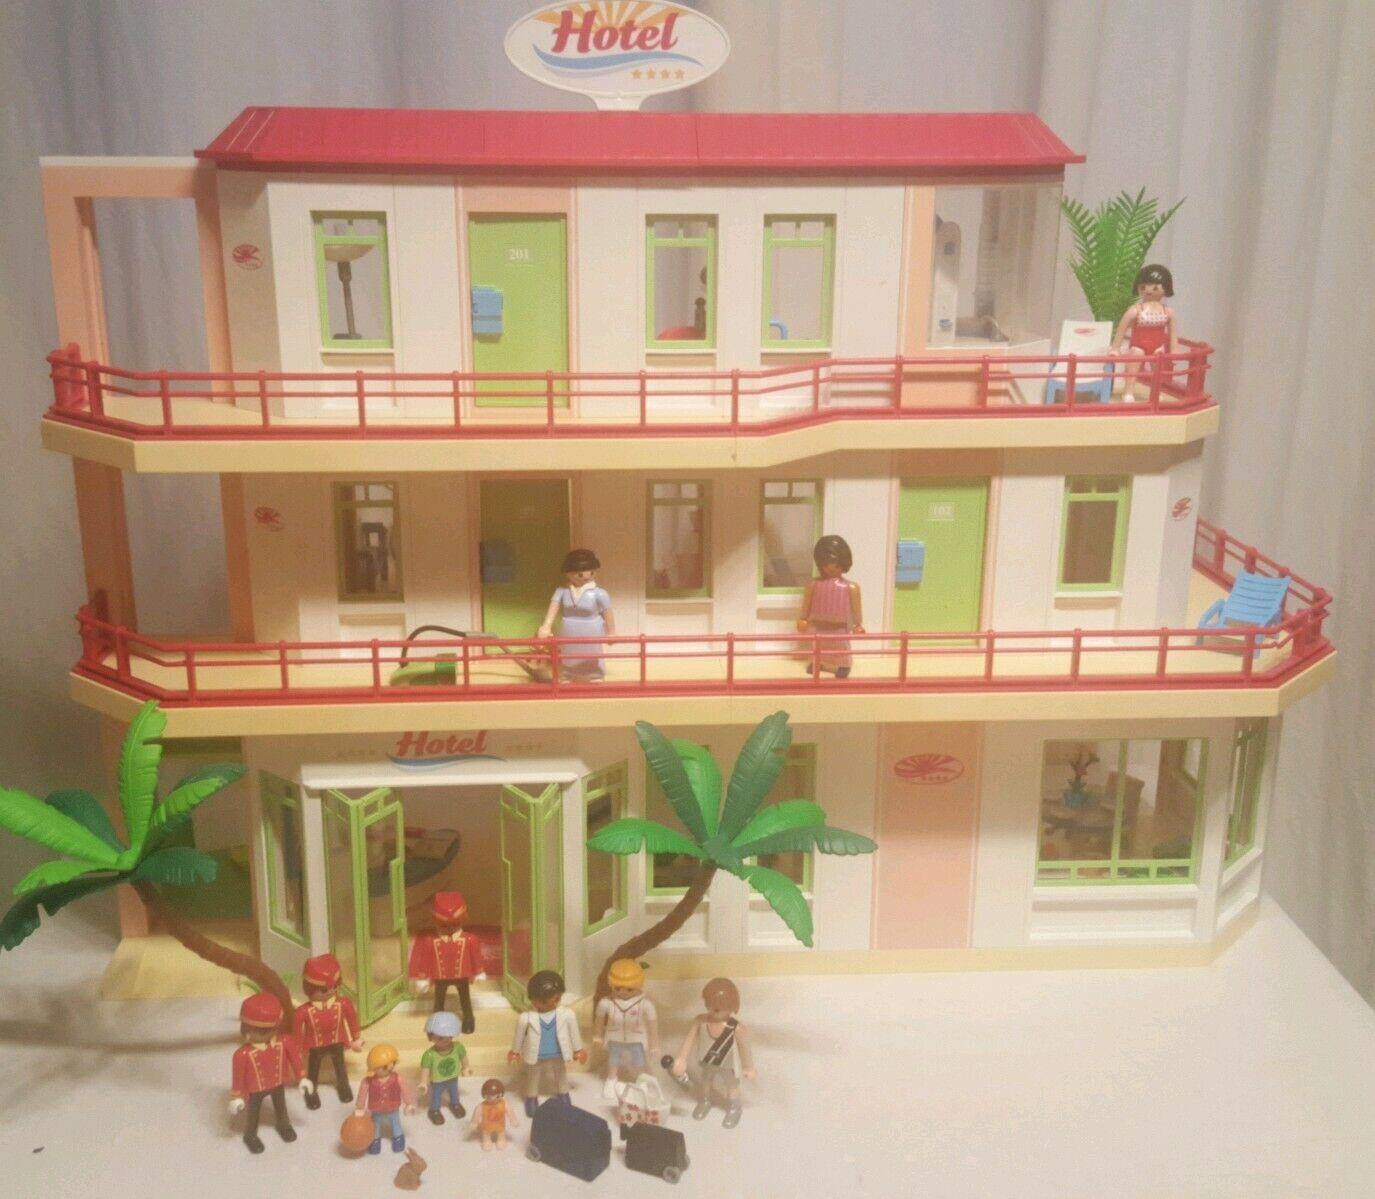 Playmobil heißel 5265 + 5269 + 3 Etagen  + individuelle Einrichtung